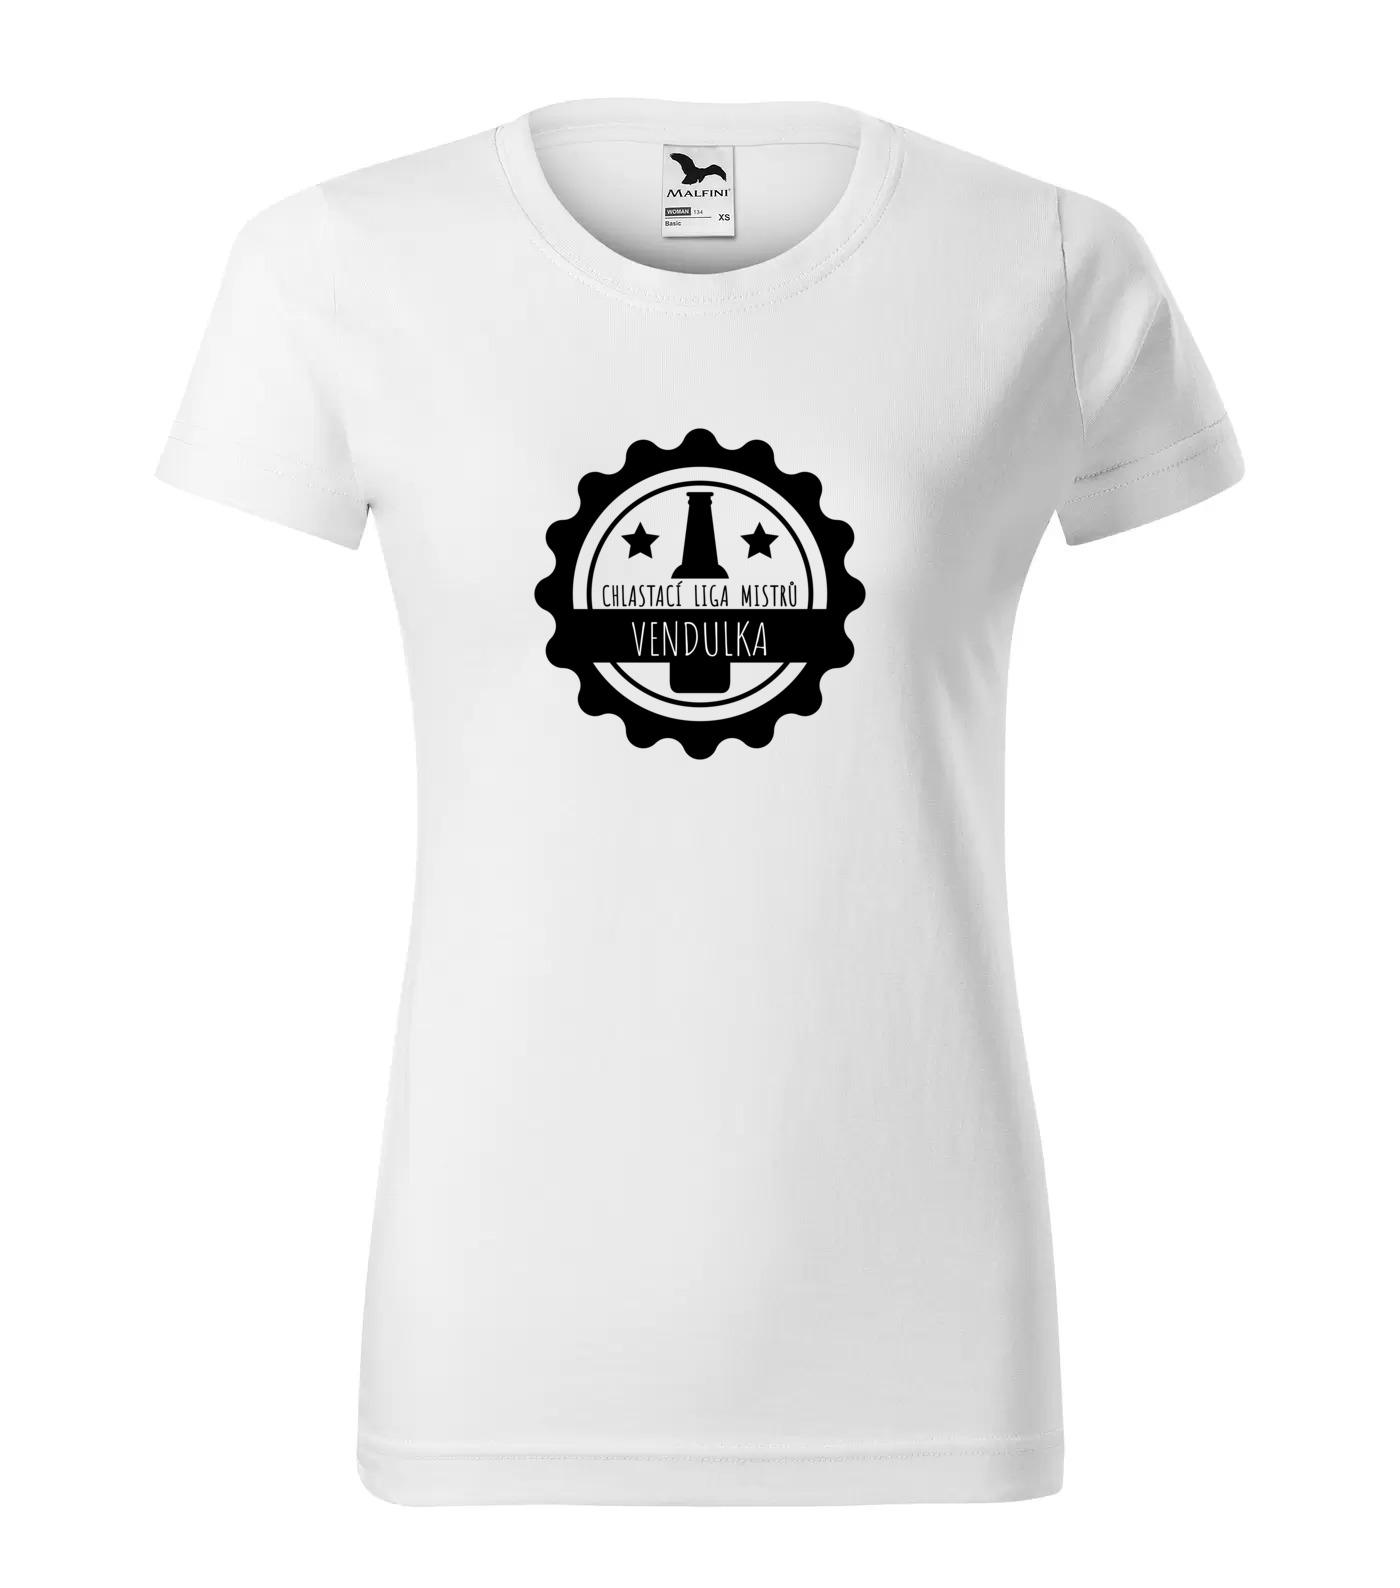 Tričko Chlastací liga žen Vendulka